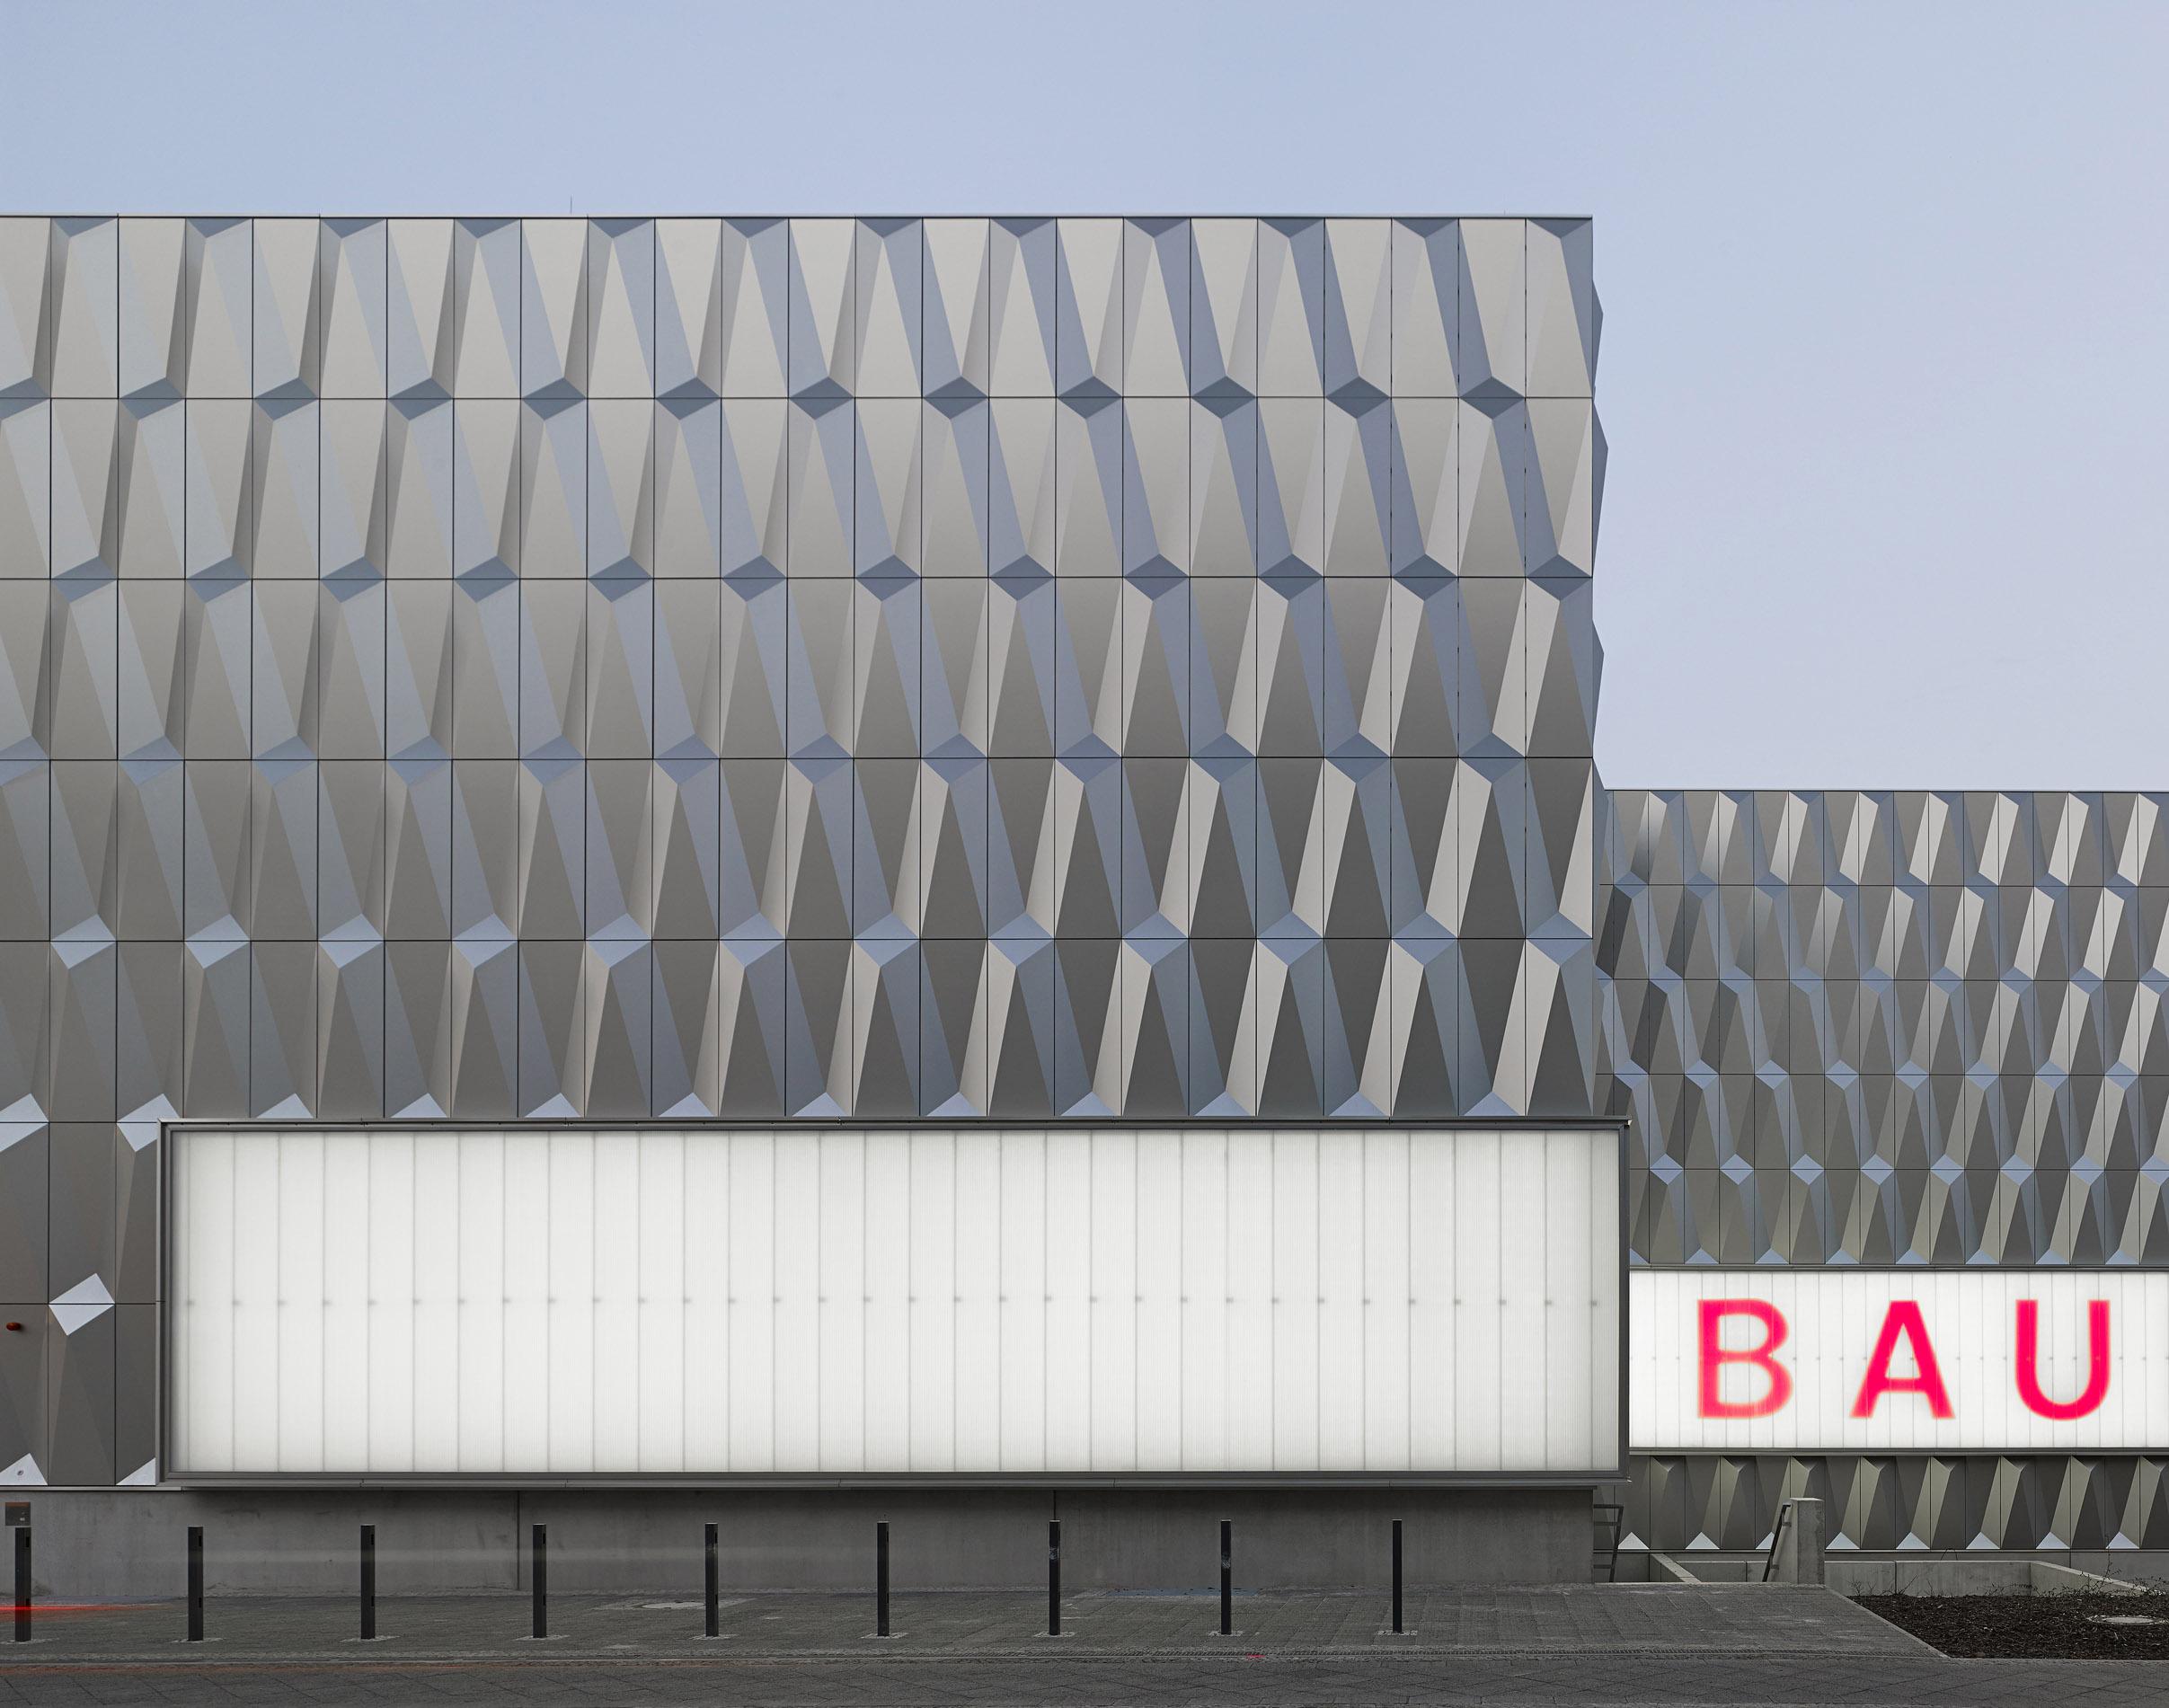 Bauhaus Halensee bauhaus fachcentrum berlin halensee müller reimann architekten